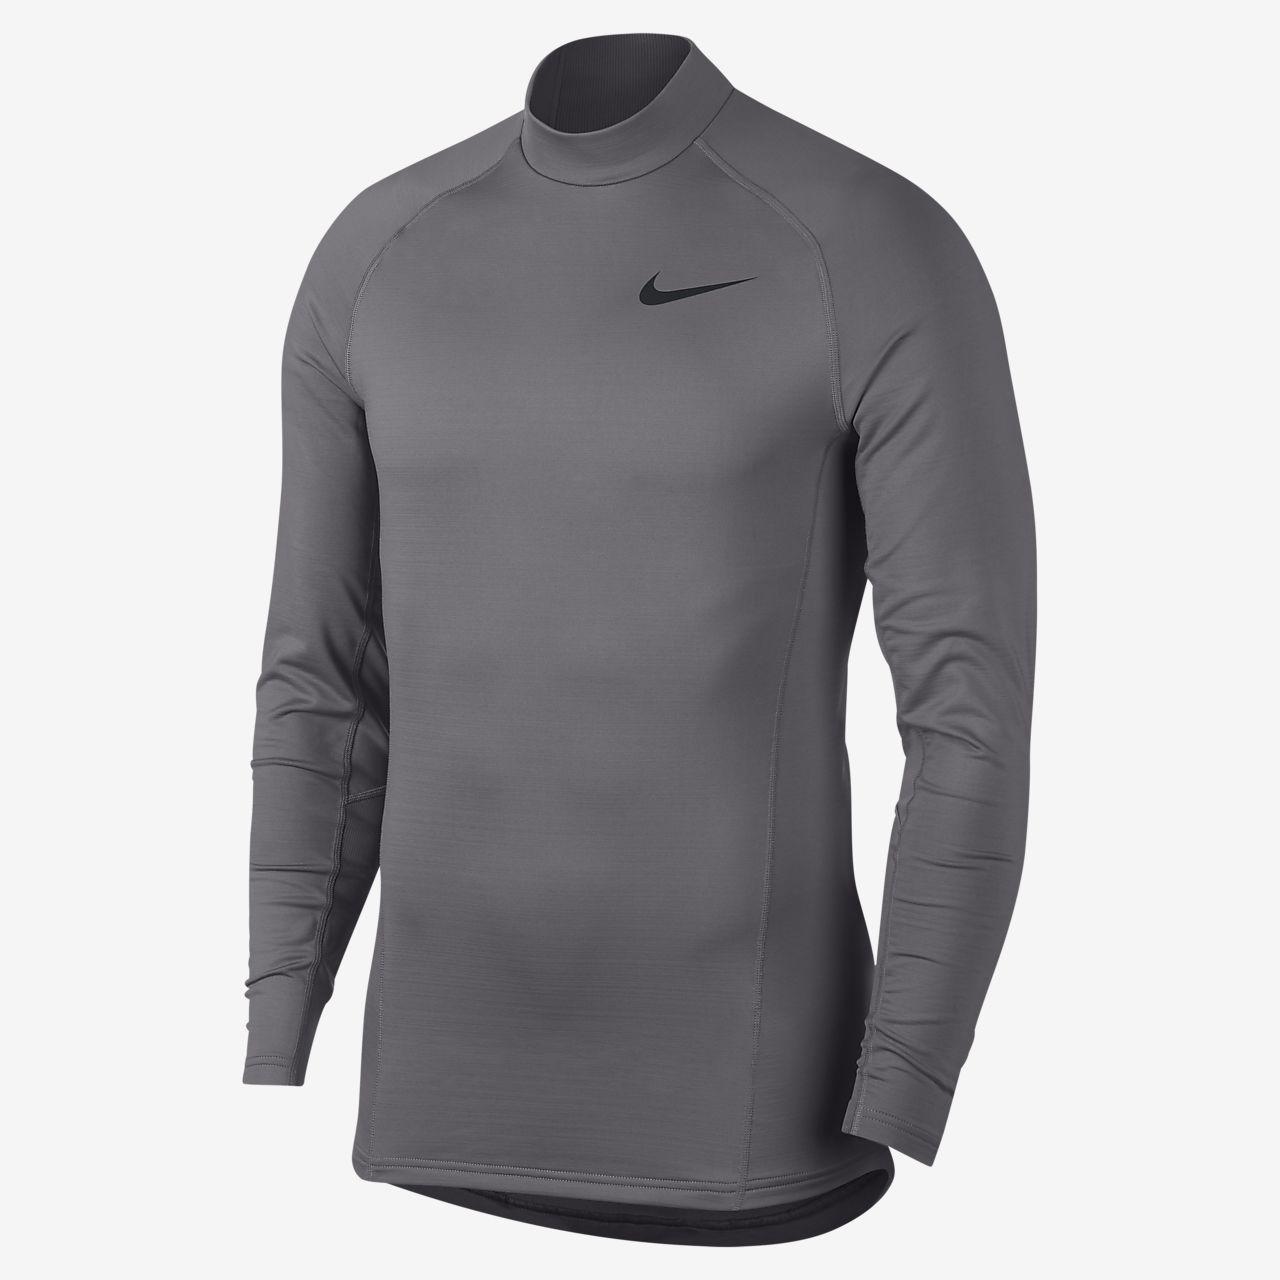 Prenda para la parte superior de entrenamiento de manga larga para hombre Nike Therma